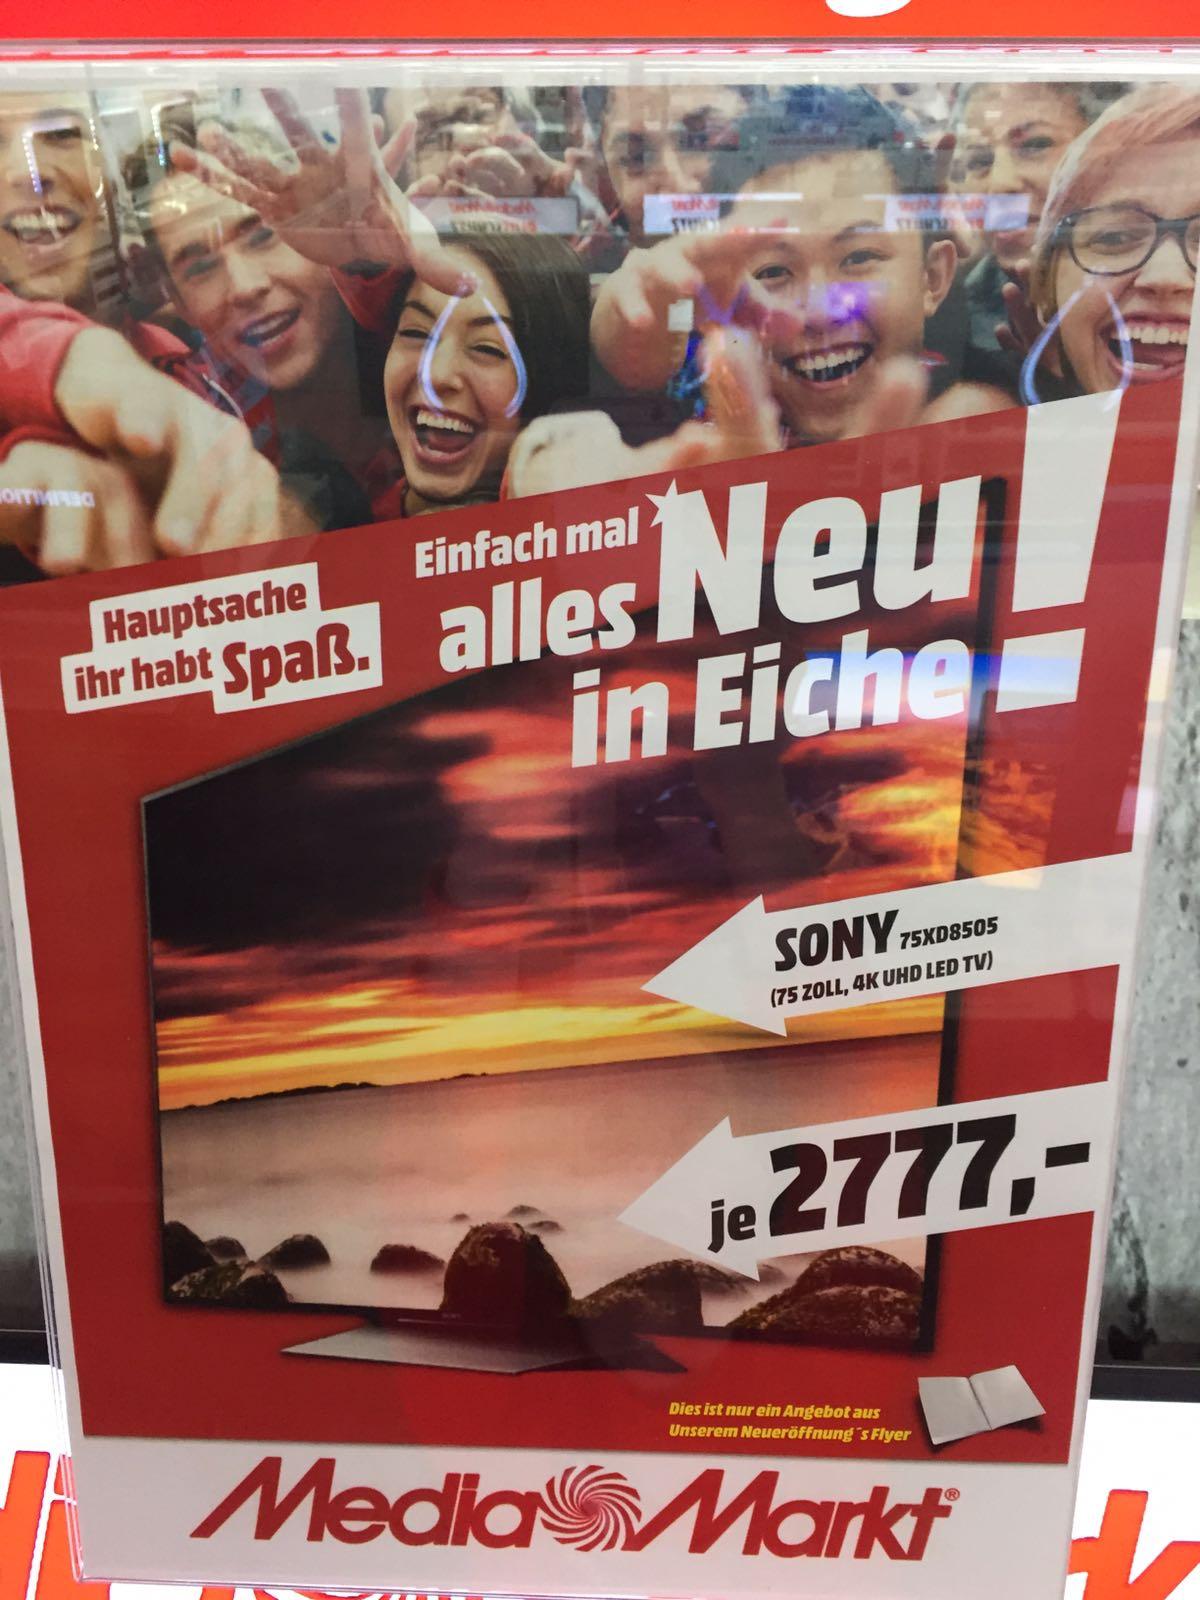 Sony KD 75 XD 8505 - 75 Zoll TV im Media Markt Eiche - Neueröffnungsdeal - bis Sonntag 02.04.